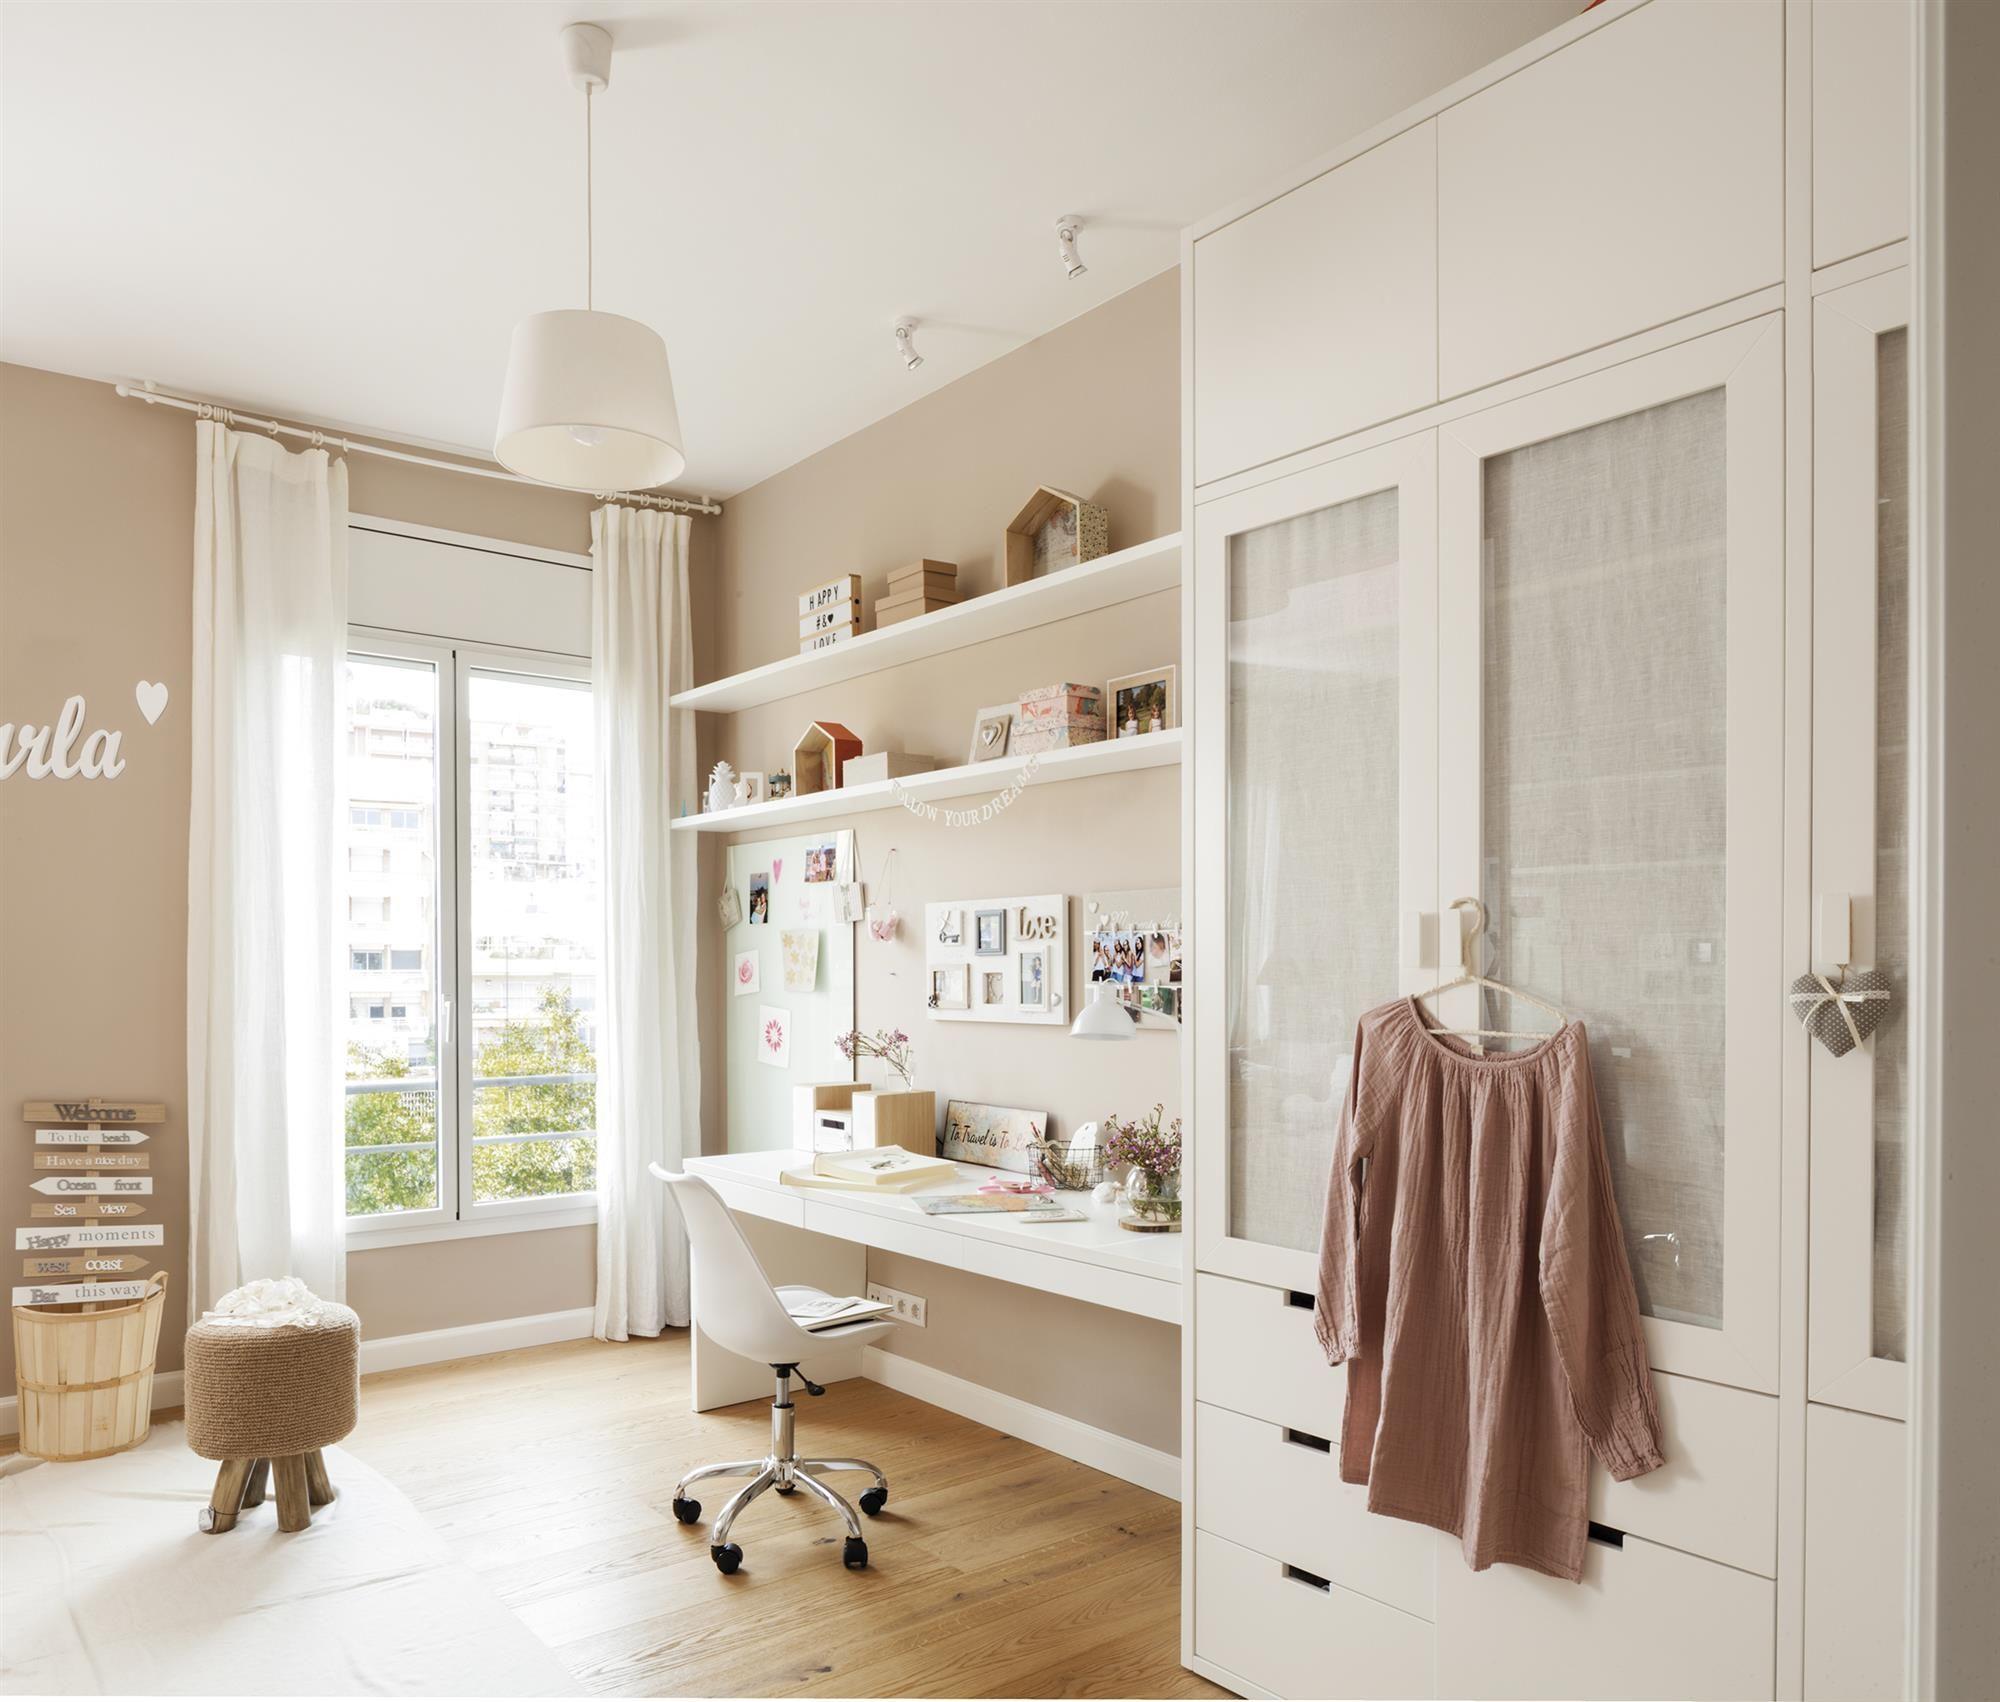 Mg 56878 escritorio armario y baldas en blanco y paredes - Dormitorio beige ...